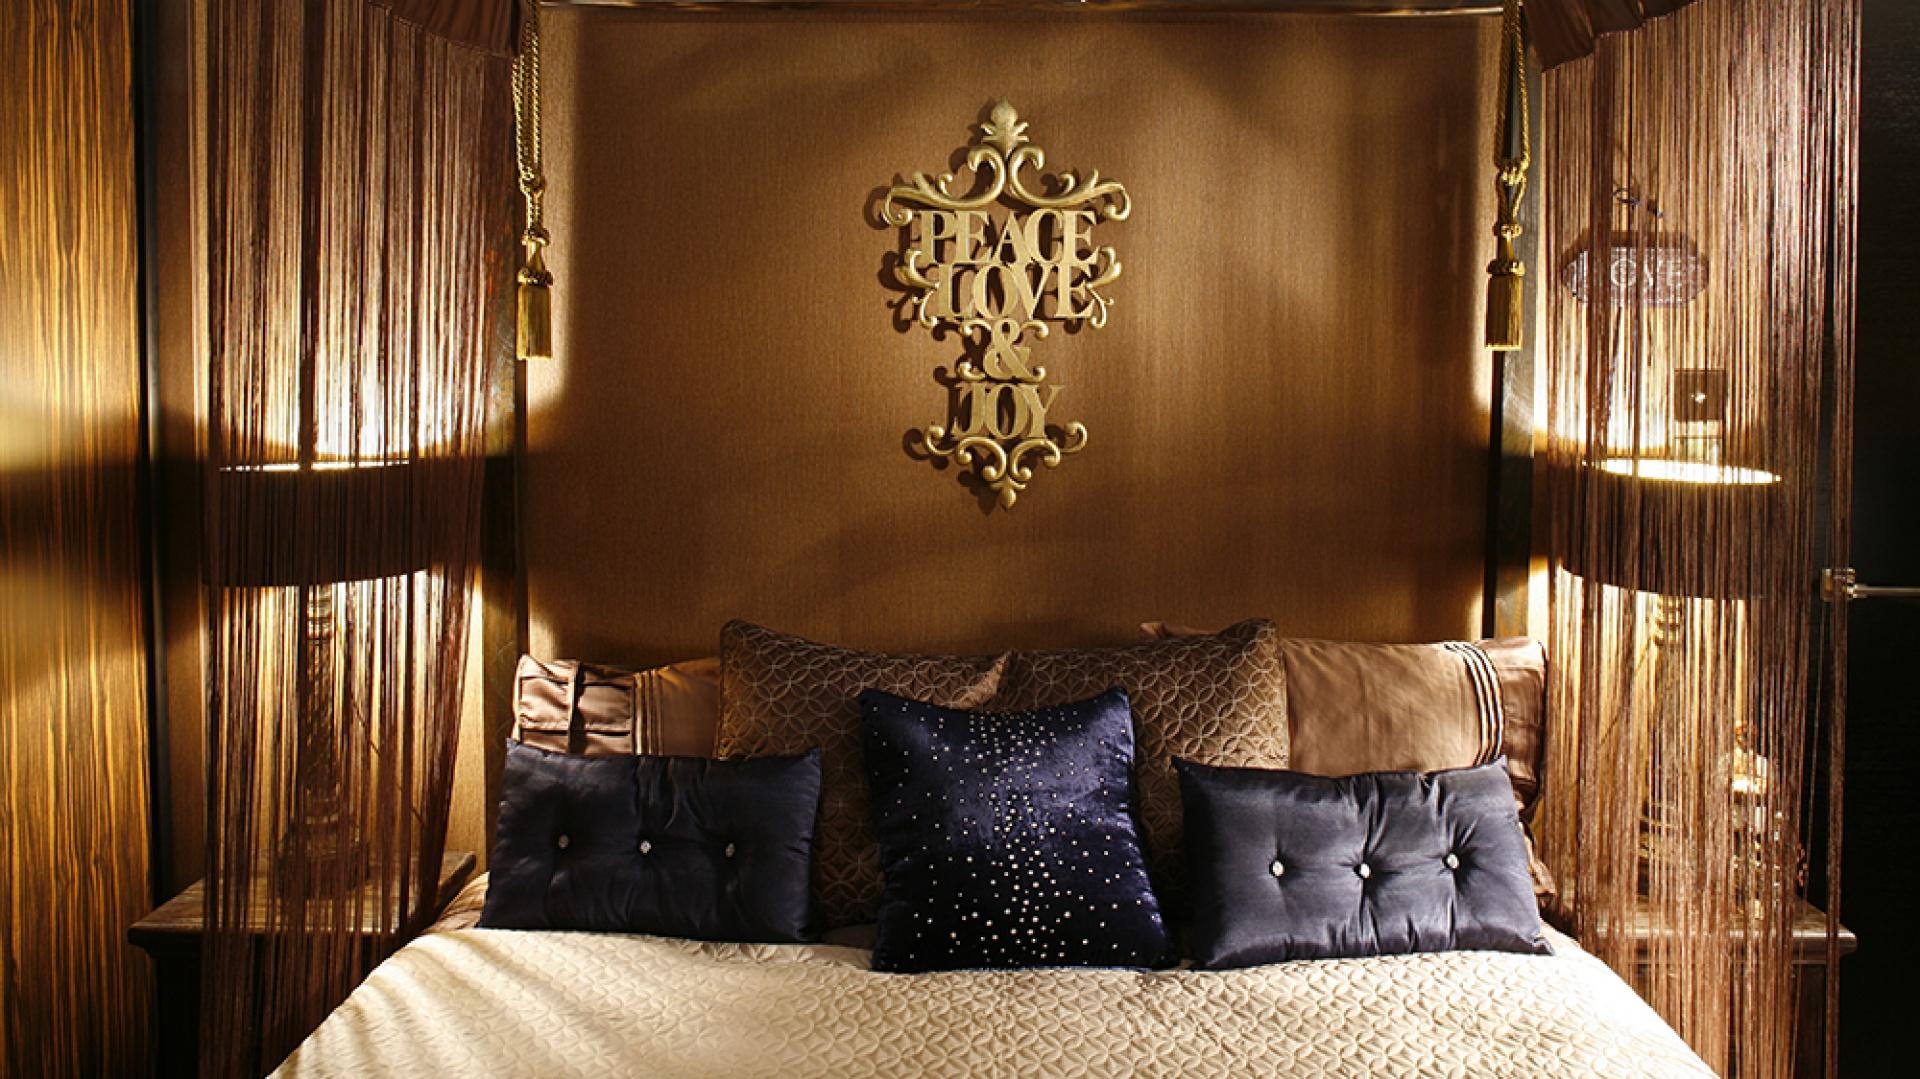 Króluje tu okazałe łoże z podświetlanym baldachimem, imitującym rozświetlone gwiazdami niebo Marrakeszu, z ozdobnymi chwostami i sznurkowymi, powiewnymi zasłonkami. Fot. Bartosz Jarosz.